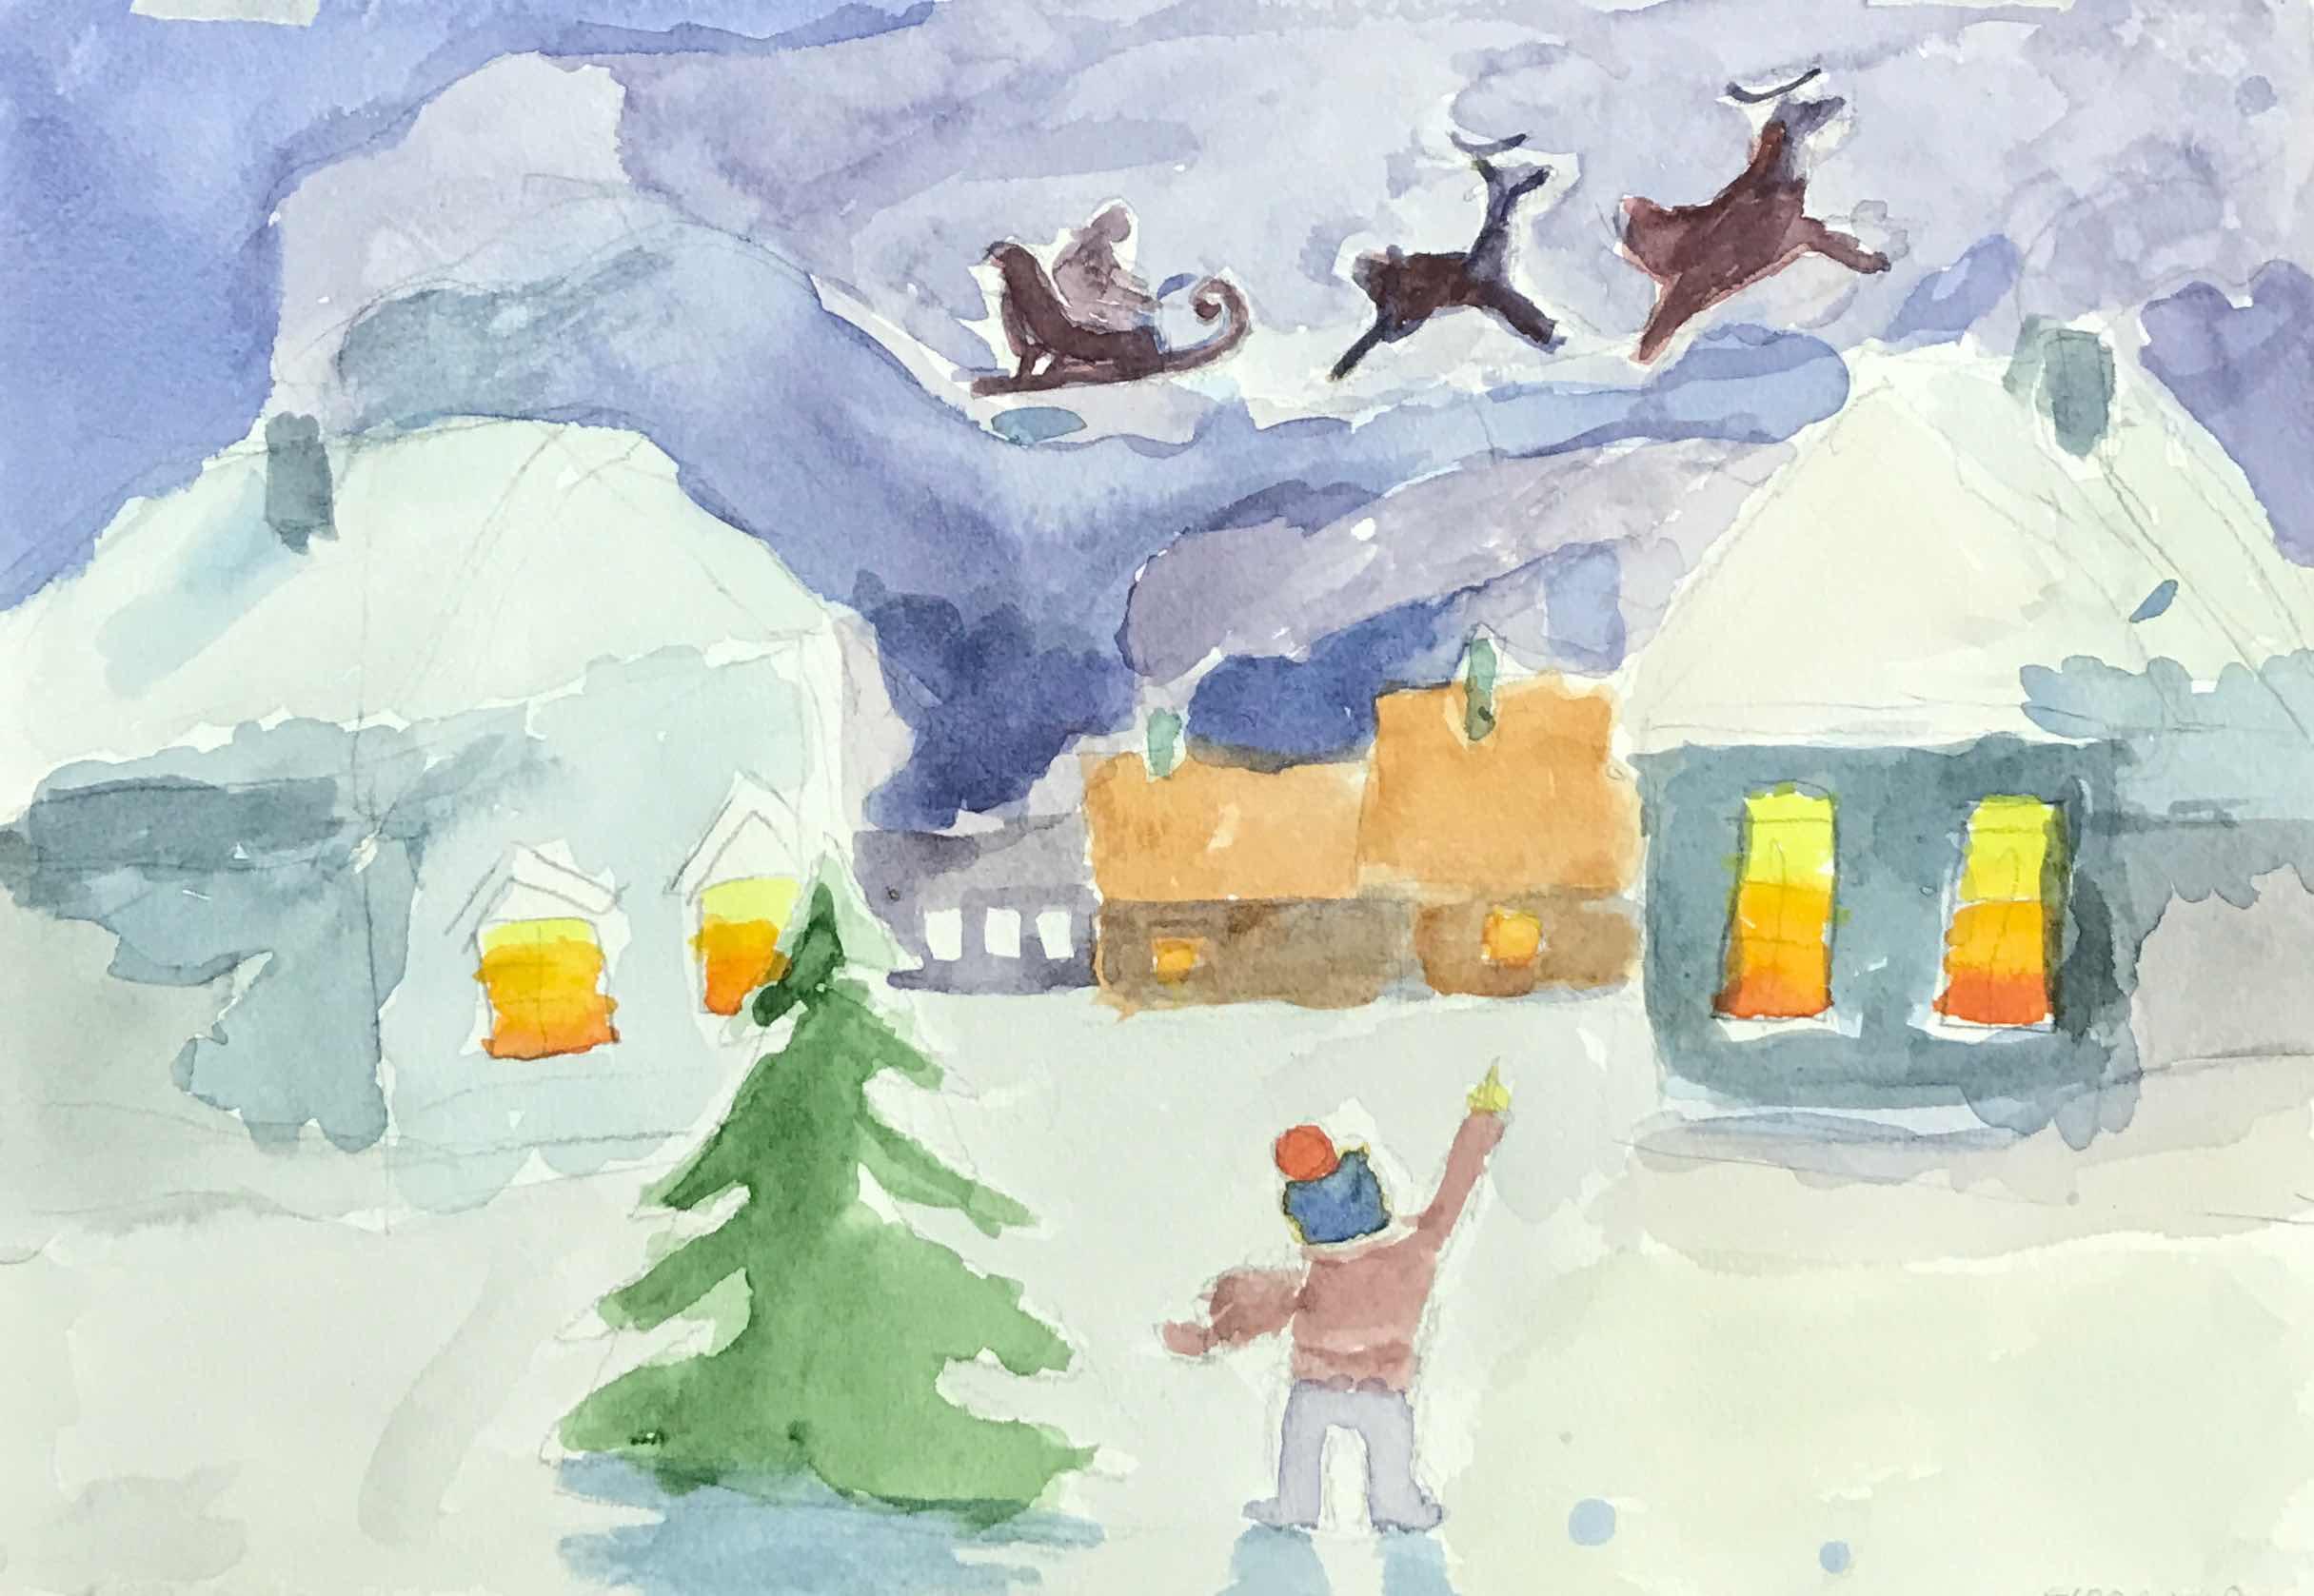 11 Михеев Ярослав Рождественская ночь